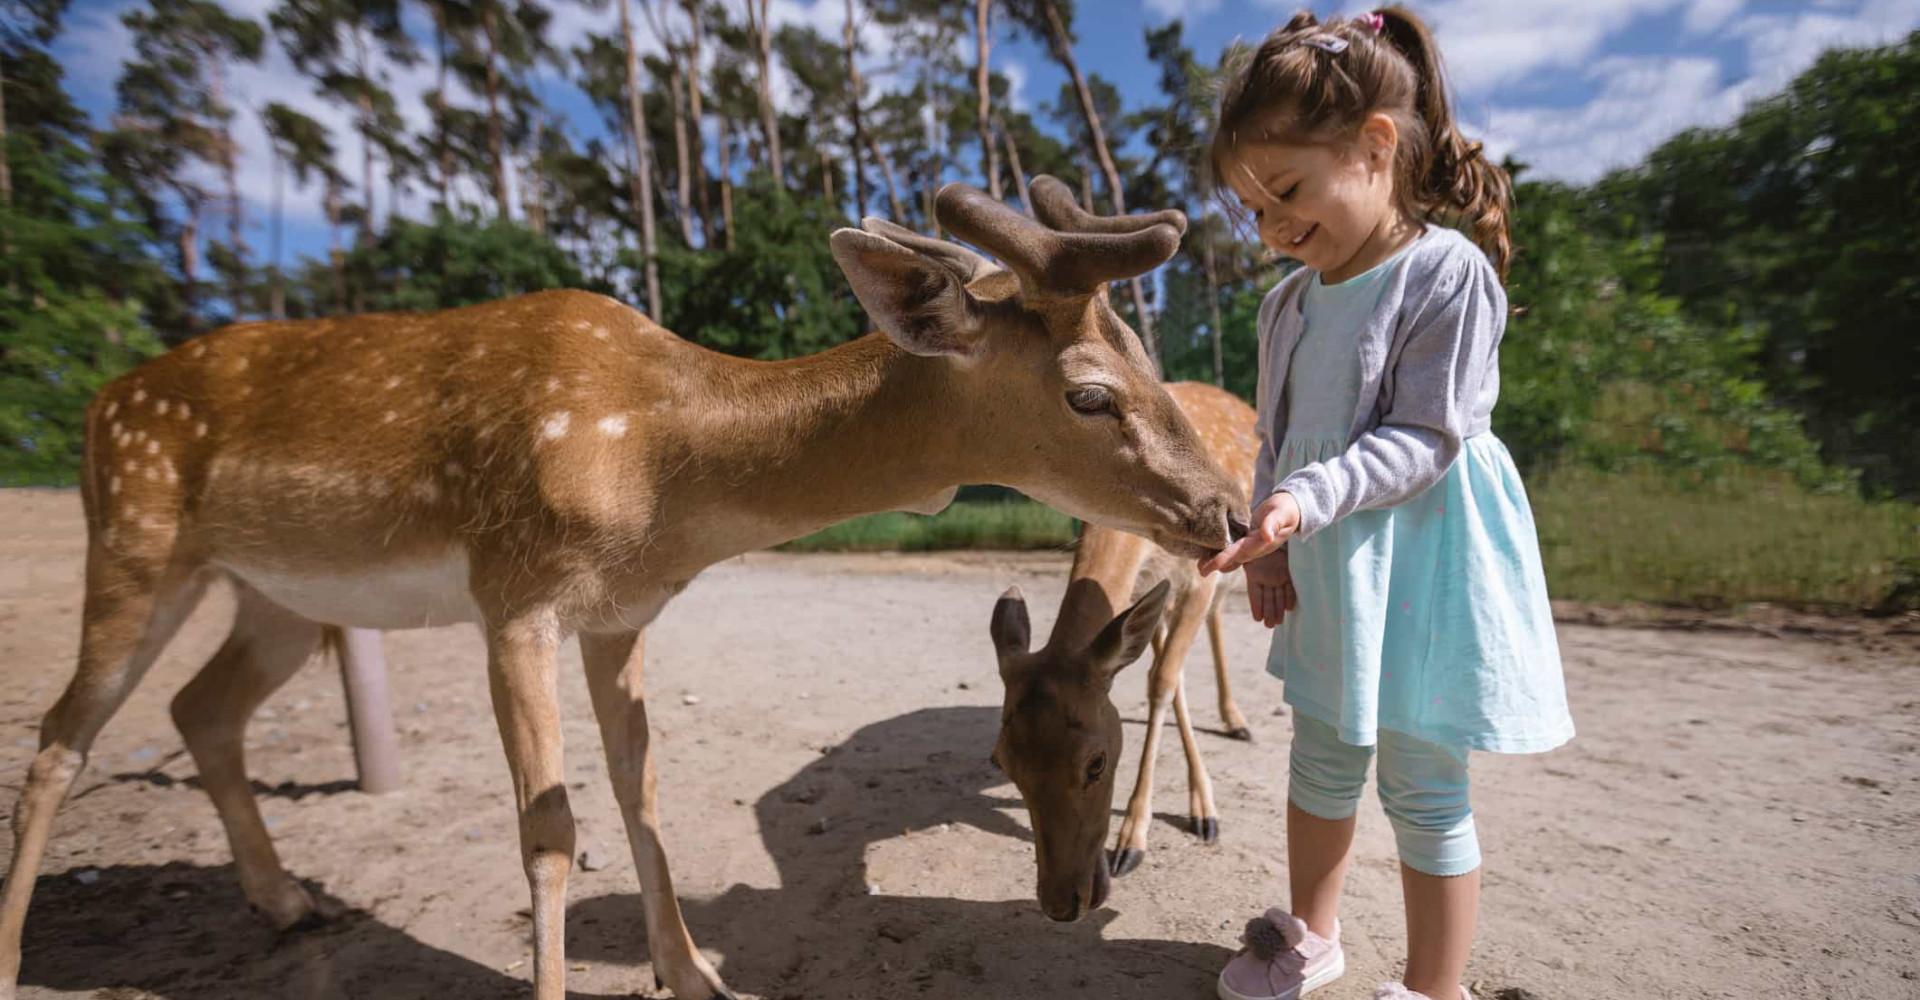 Regno animale: quali sono i mammiferi più socievoli con l'uomo?